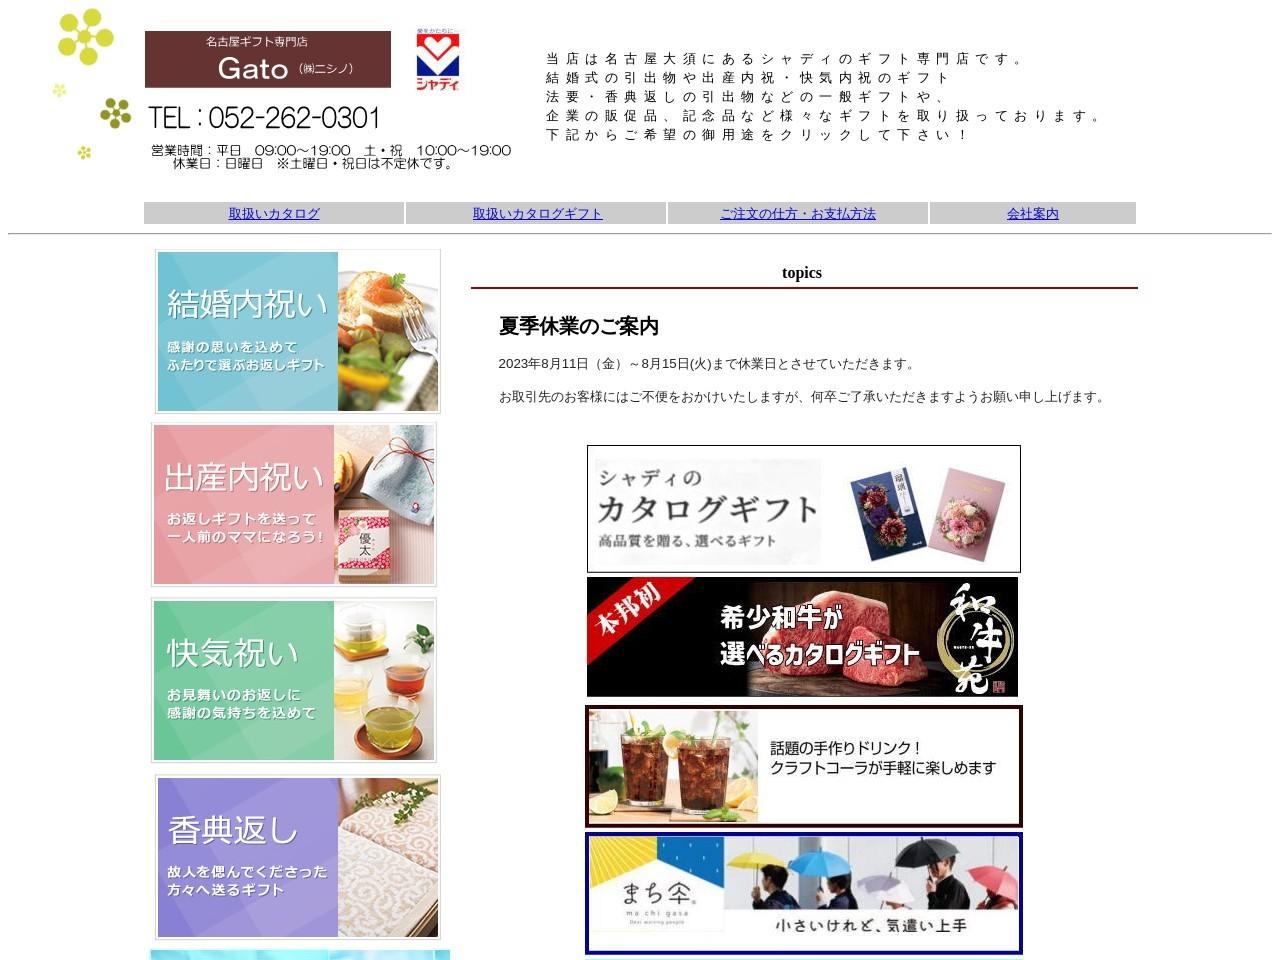 名古屋ギフト専門店 ㈱ニシノ(シャディ取扱店)Gato